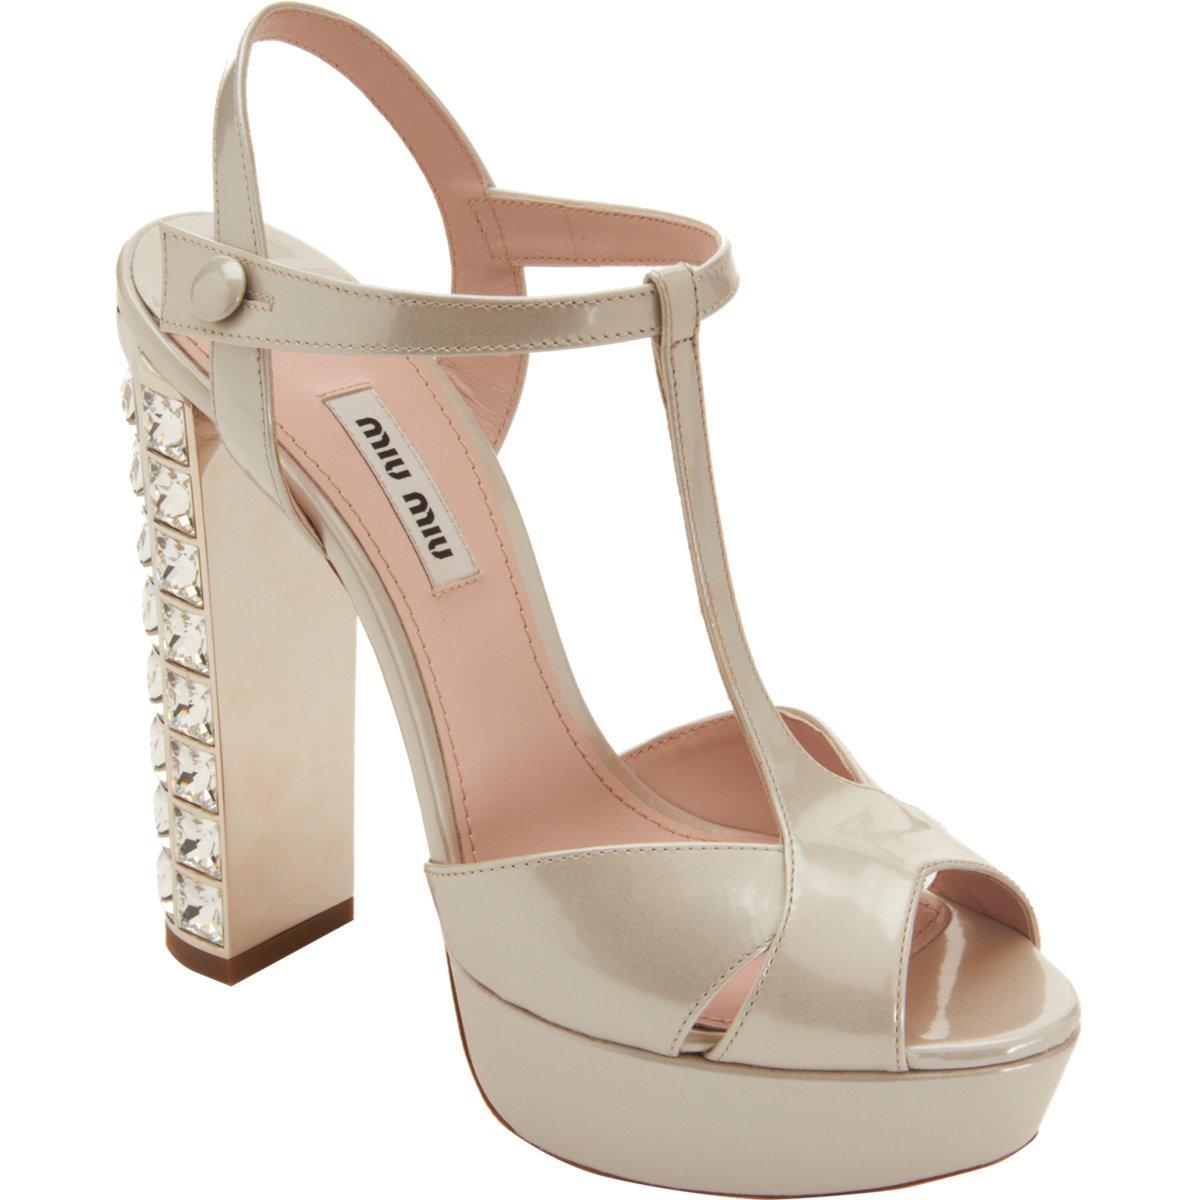 a4fcdbd0915f85 Miu Miu Tstrap Jeweled Heel Sandal in Metallic - Lyst